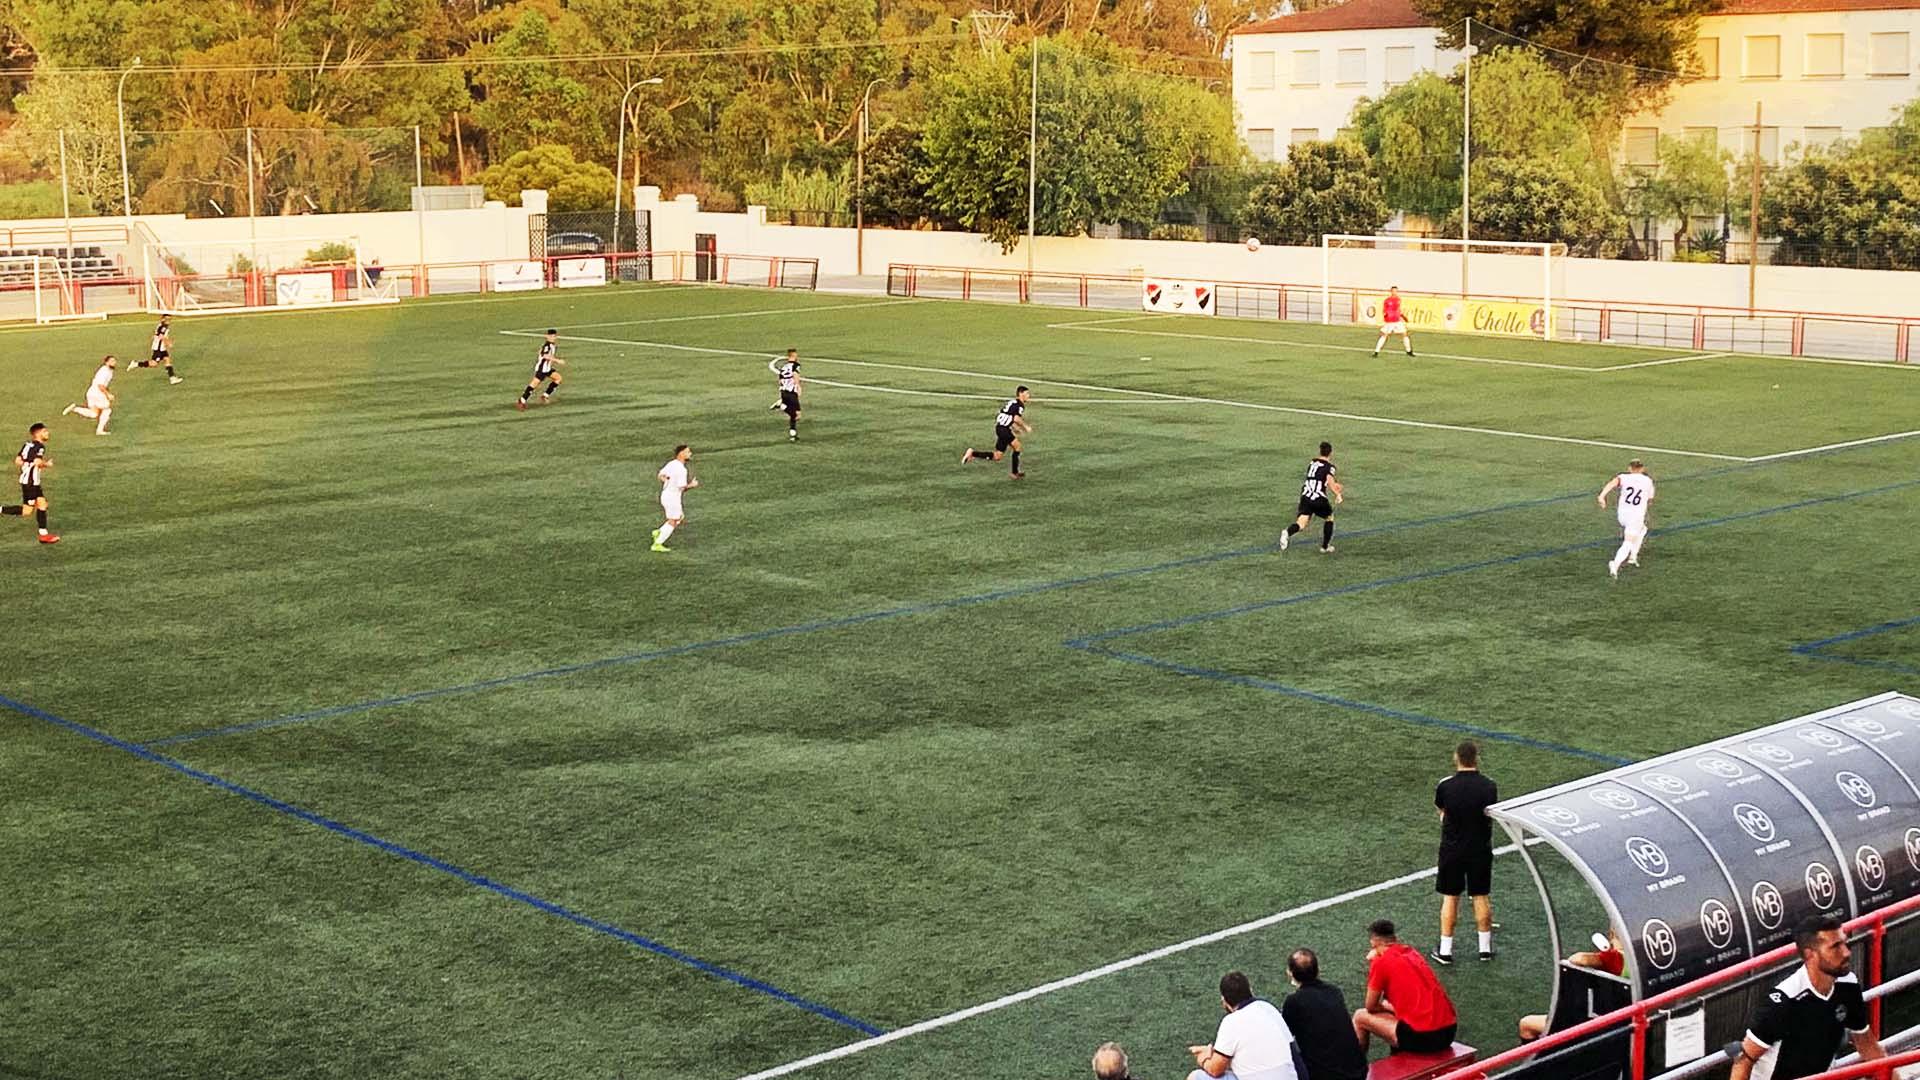 Finaliza una primera fase de mejoras en el Estadio Municipal Antonio Naranjo de San Pedro Alcántara